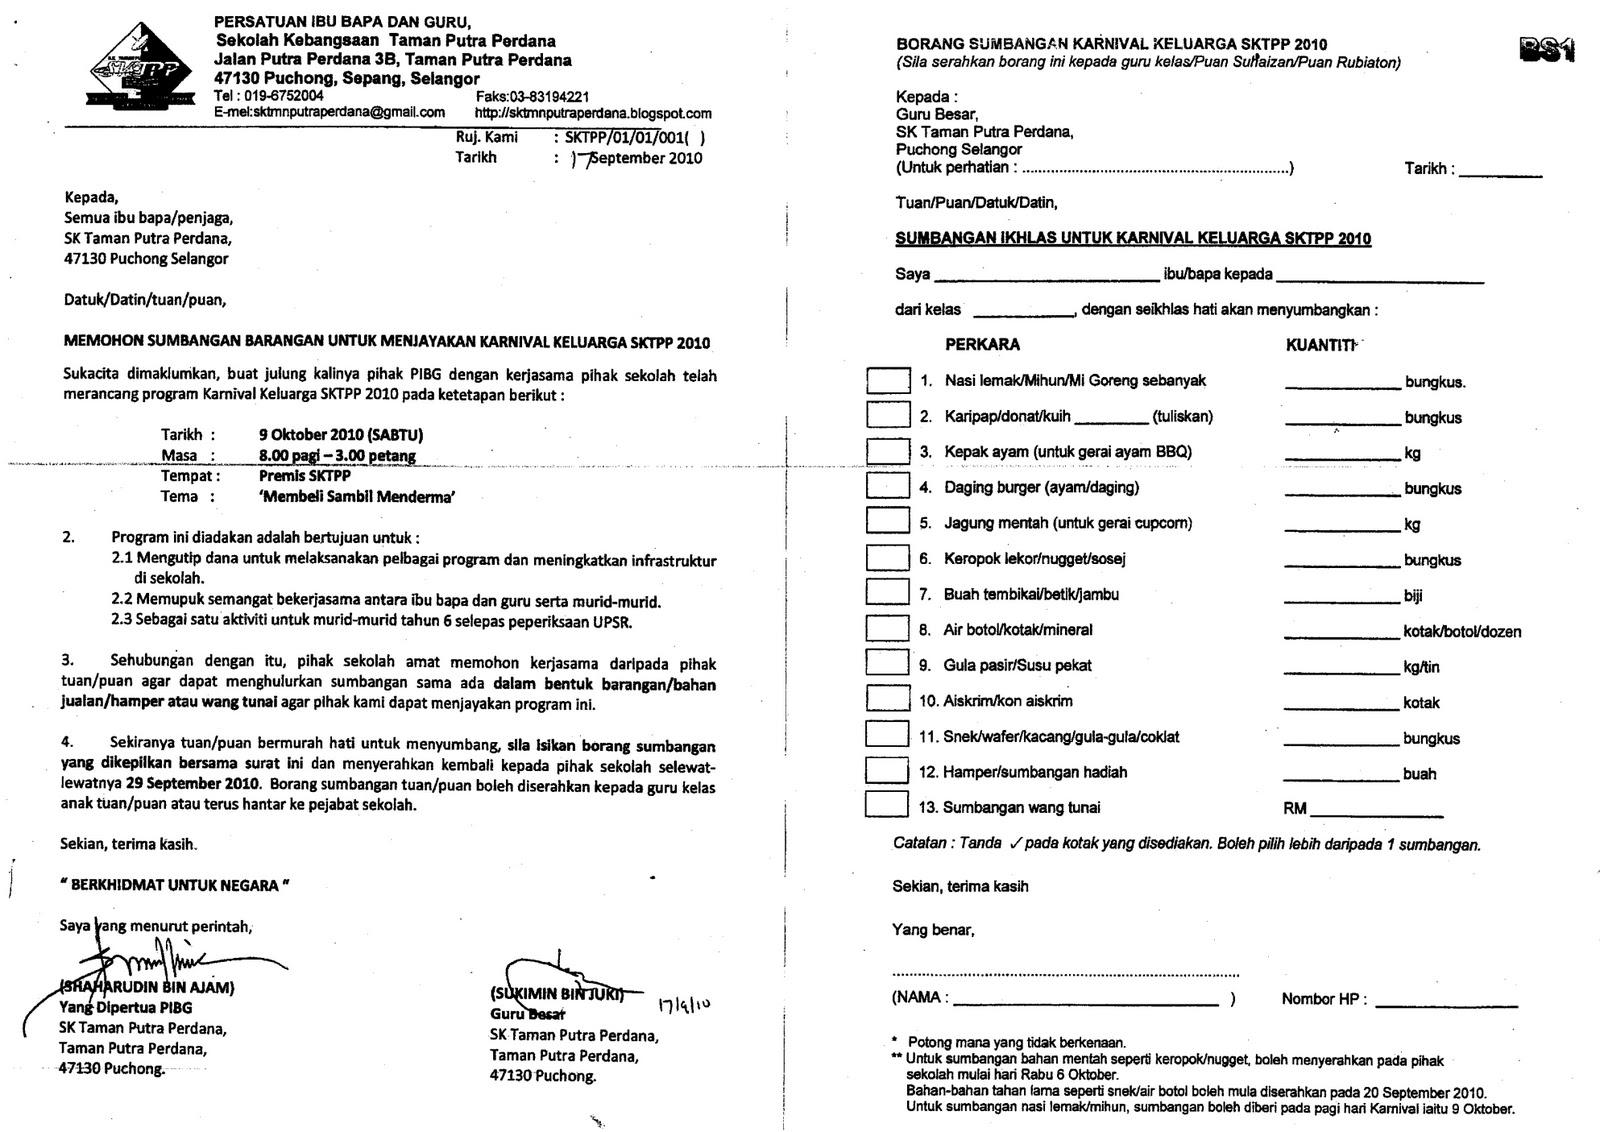 contoh resume hasil kerja professional resumes example online